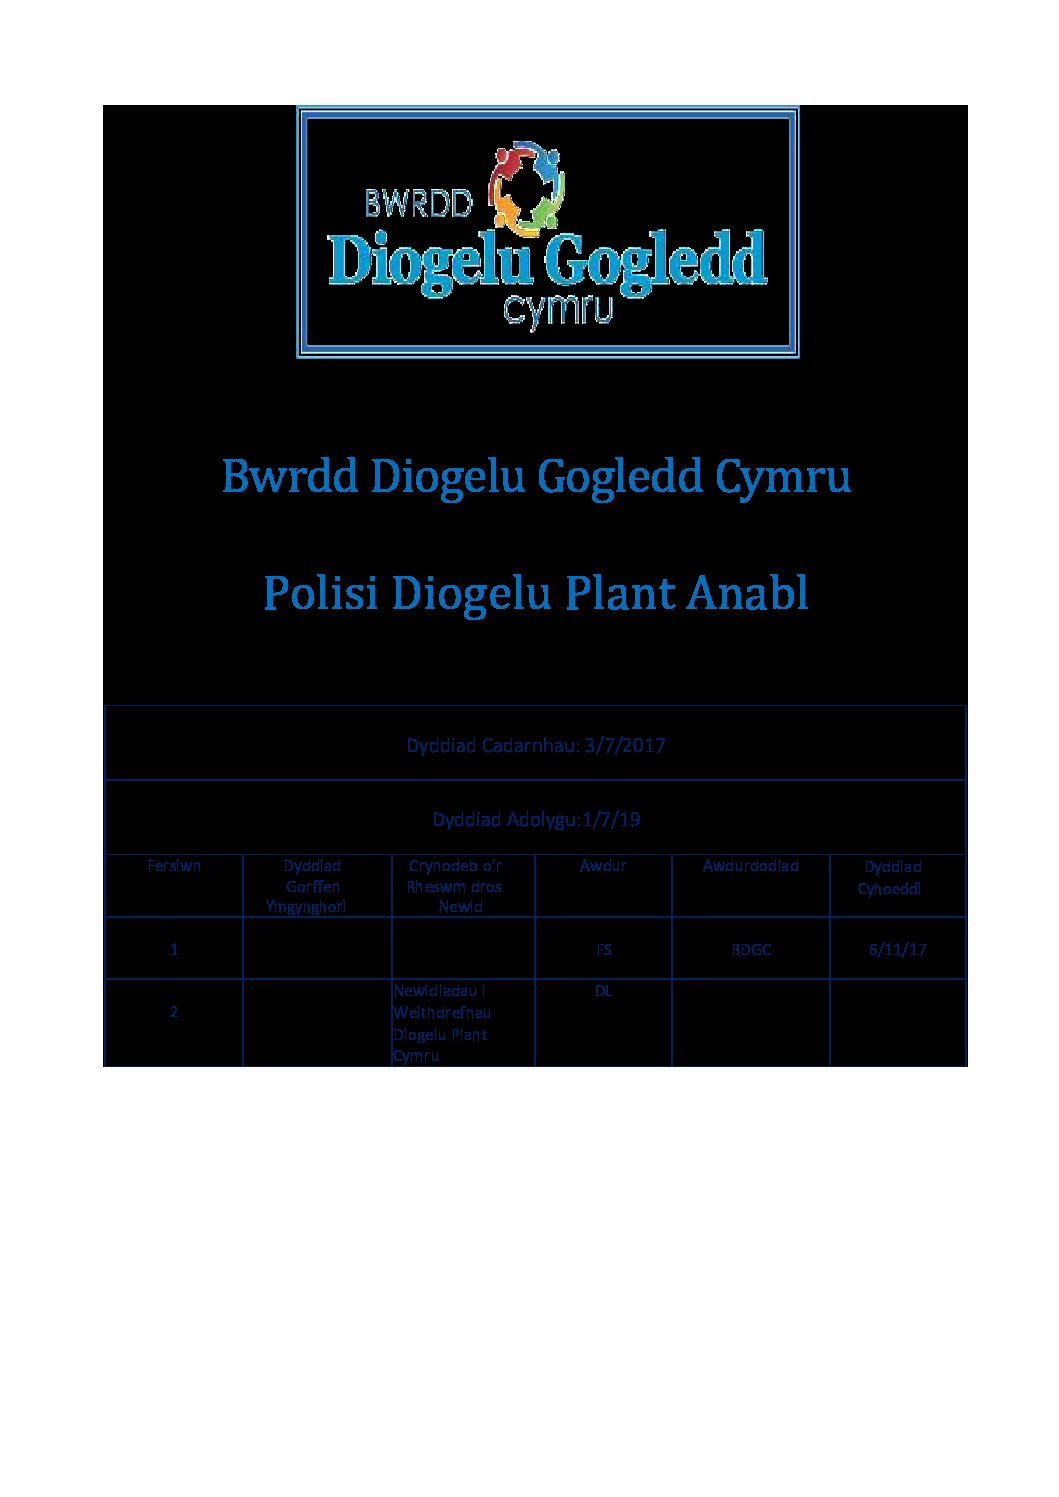 BDPGC Polisi Diogelu Plant Anabl